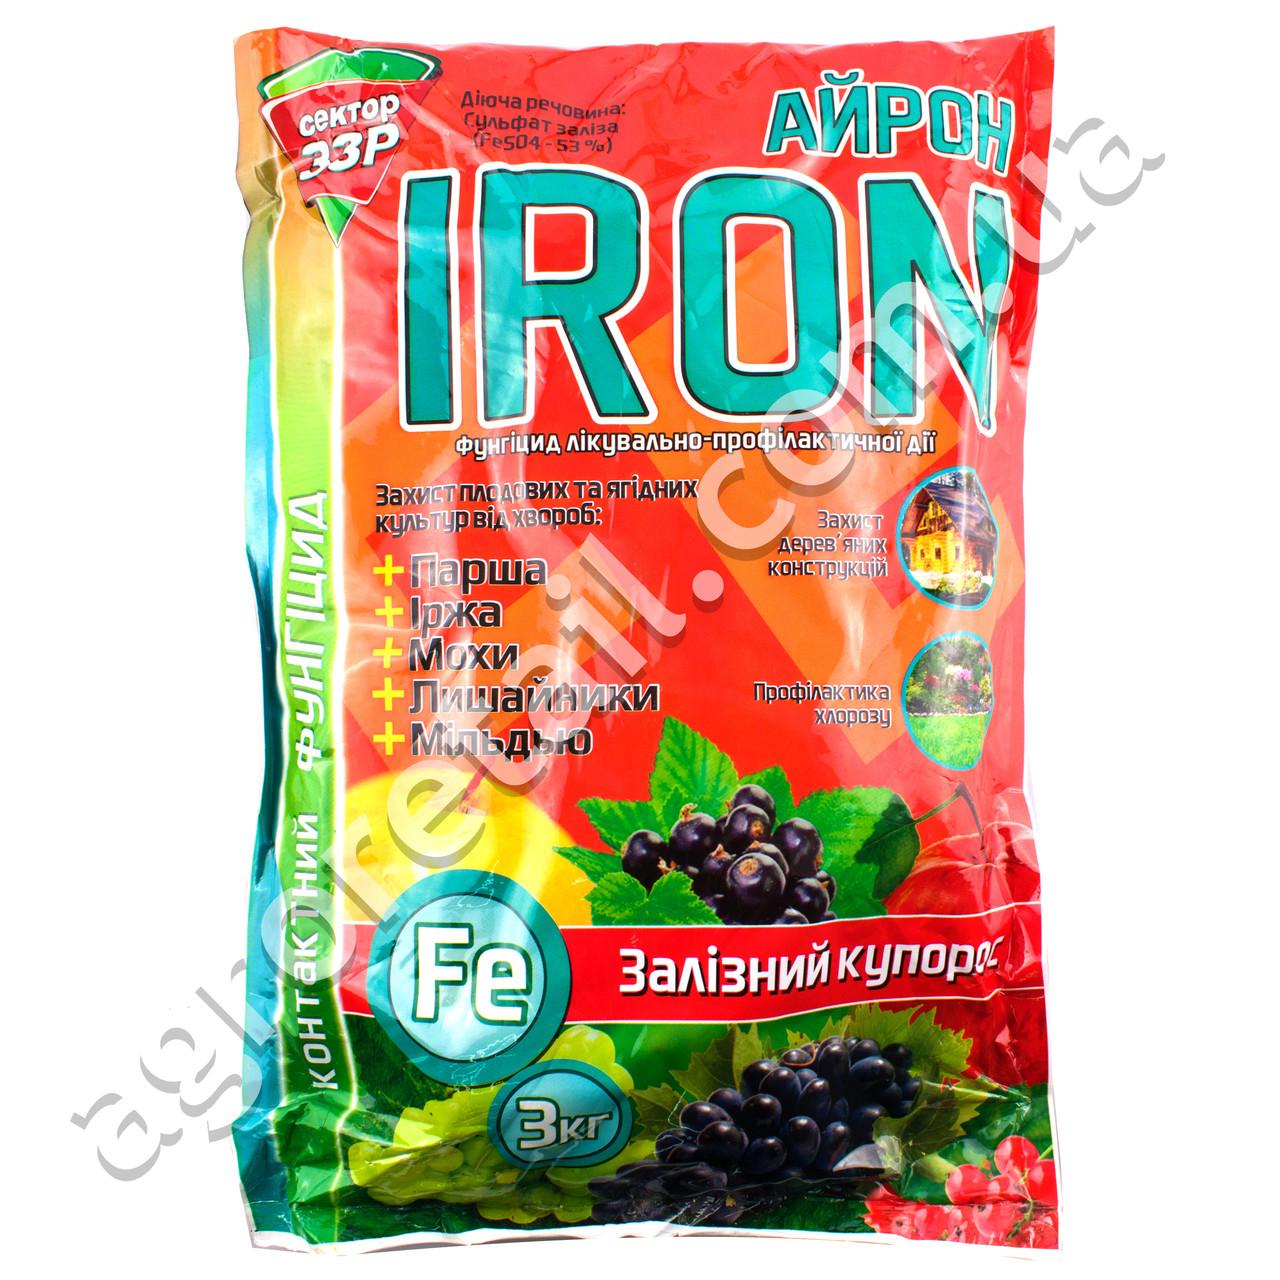 Железный купорос Iron 3 кг Сектор ЗЗР